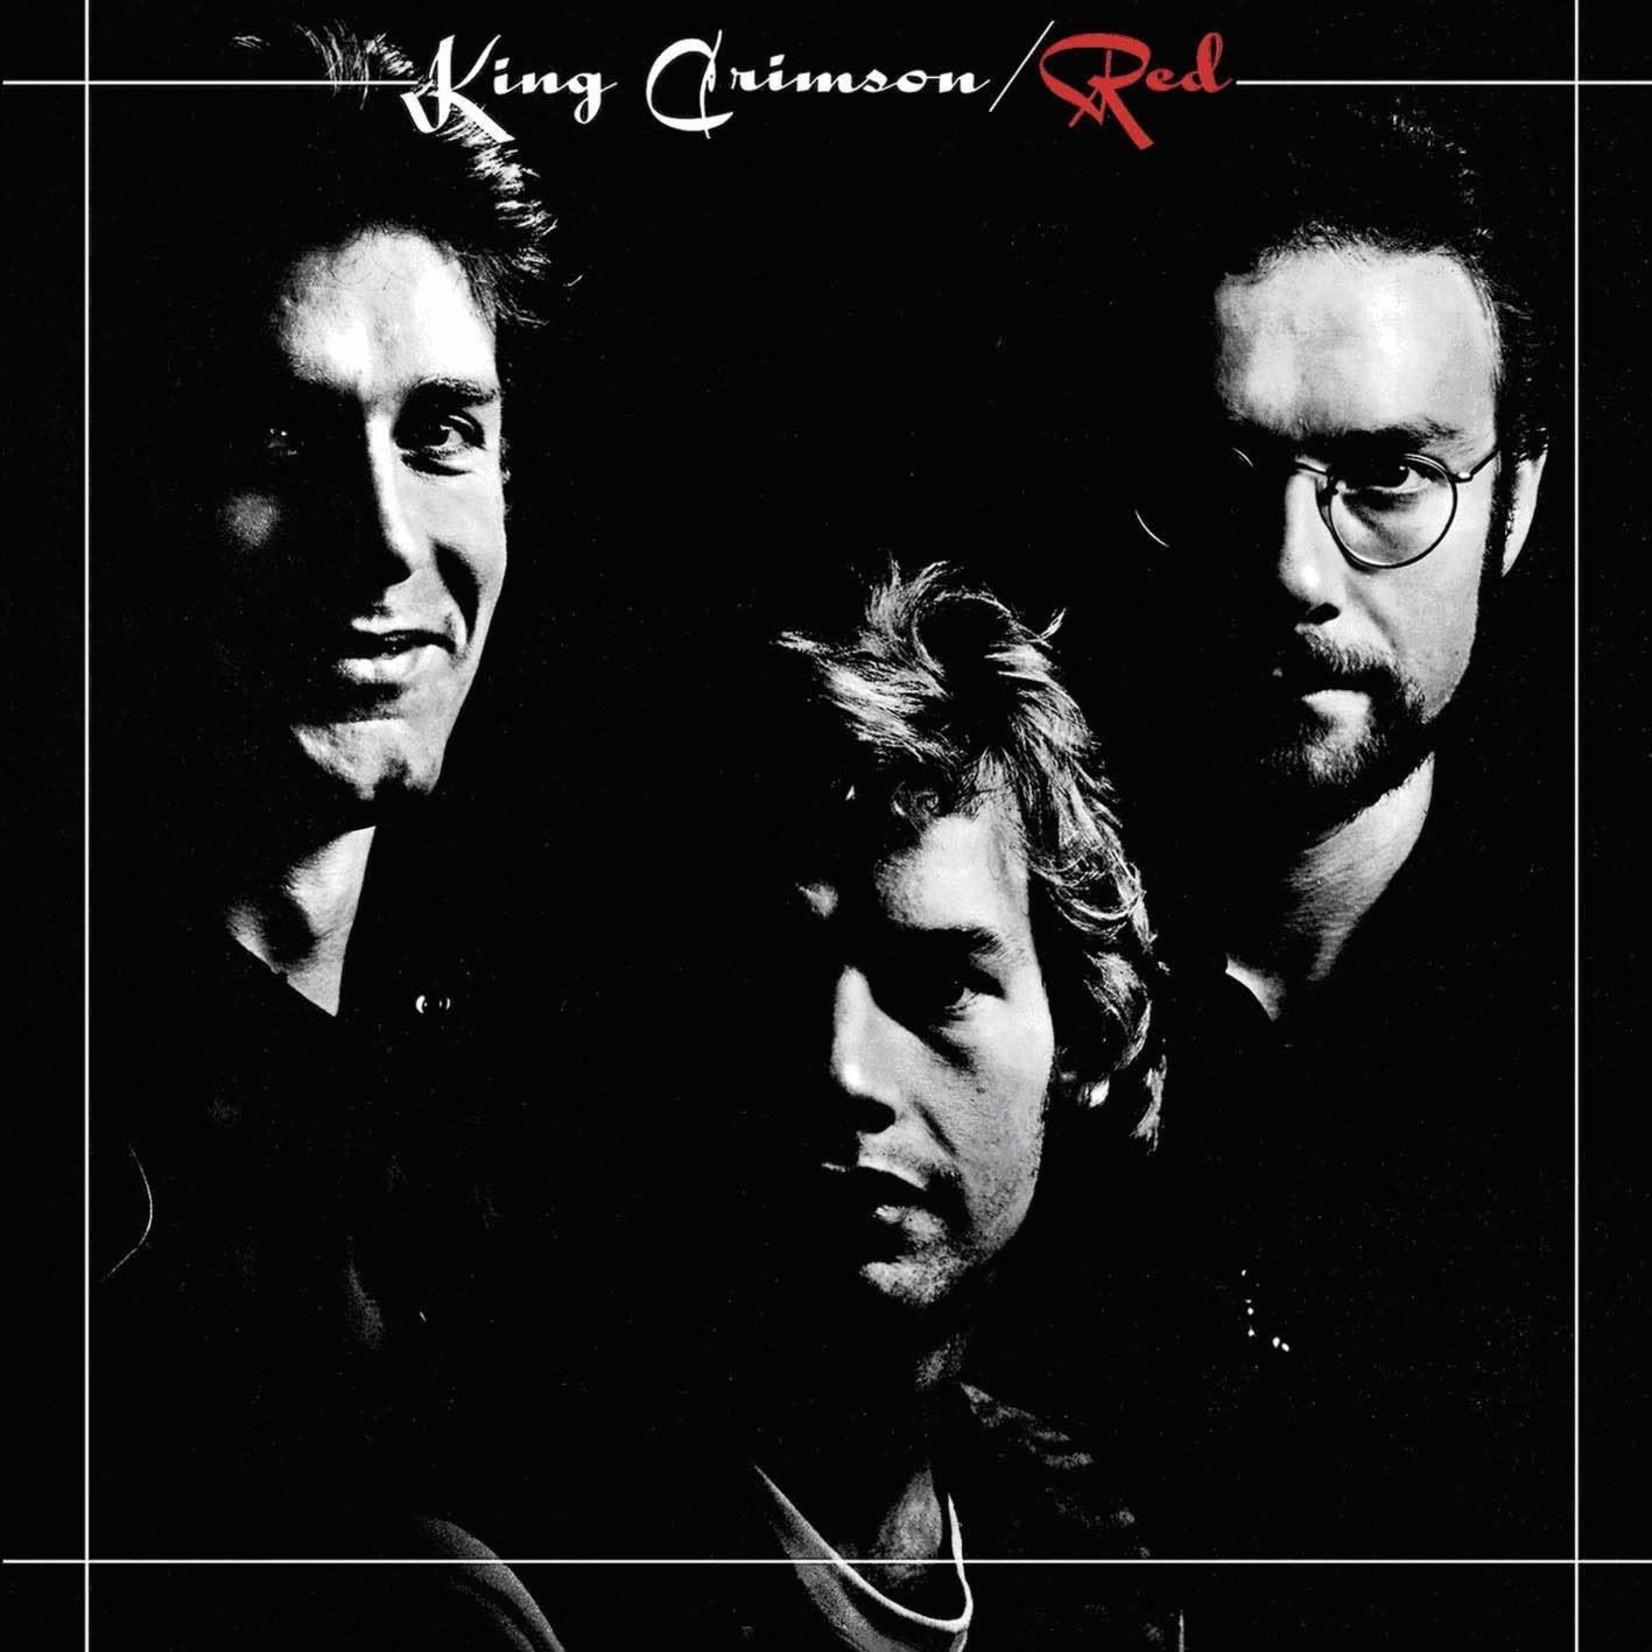 [New] King Crimson: Red (200g, Robert Fripp remixes)